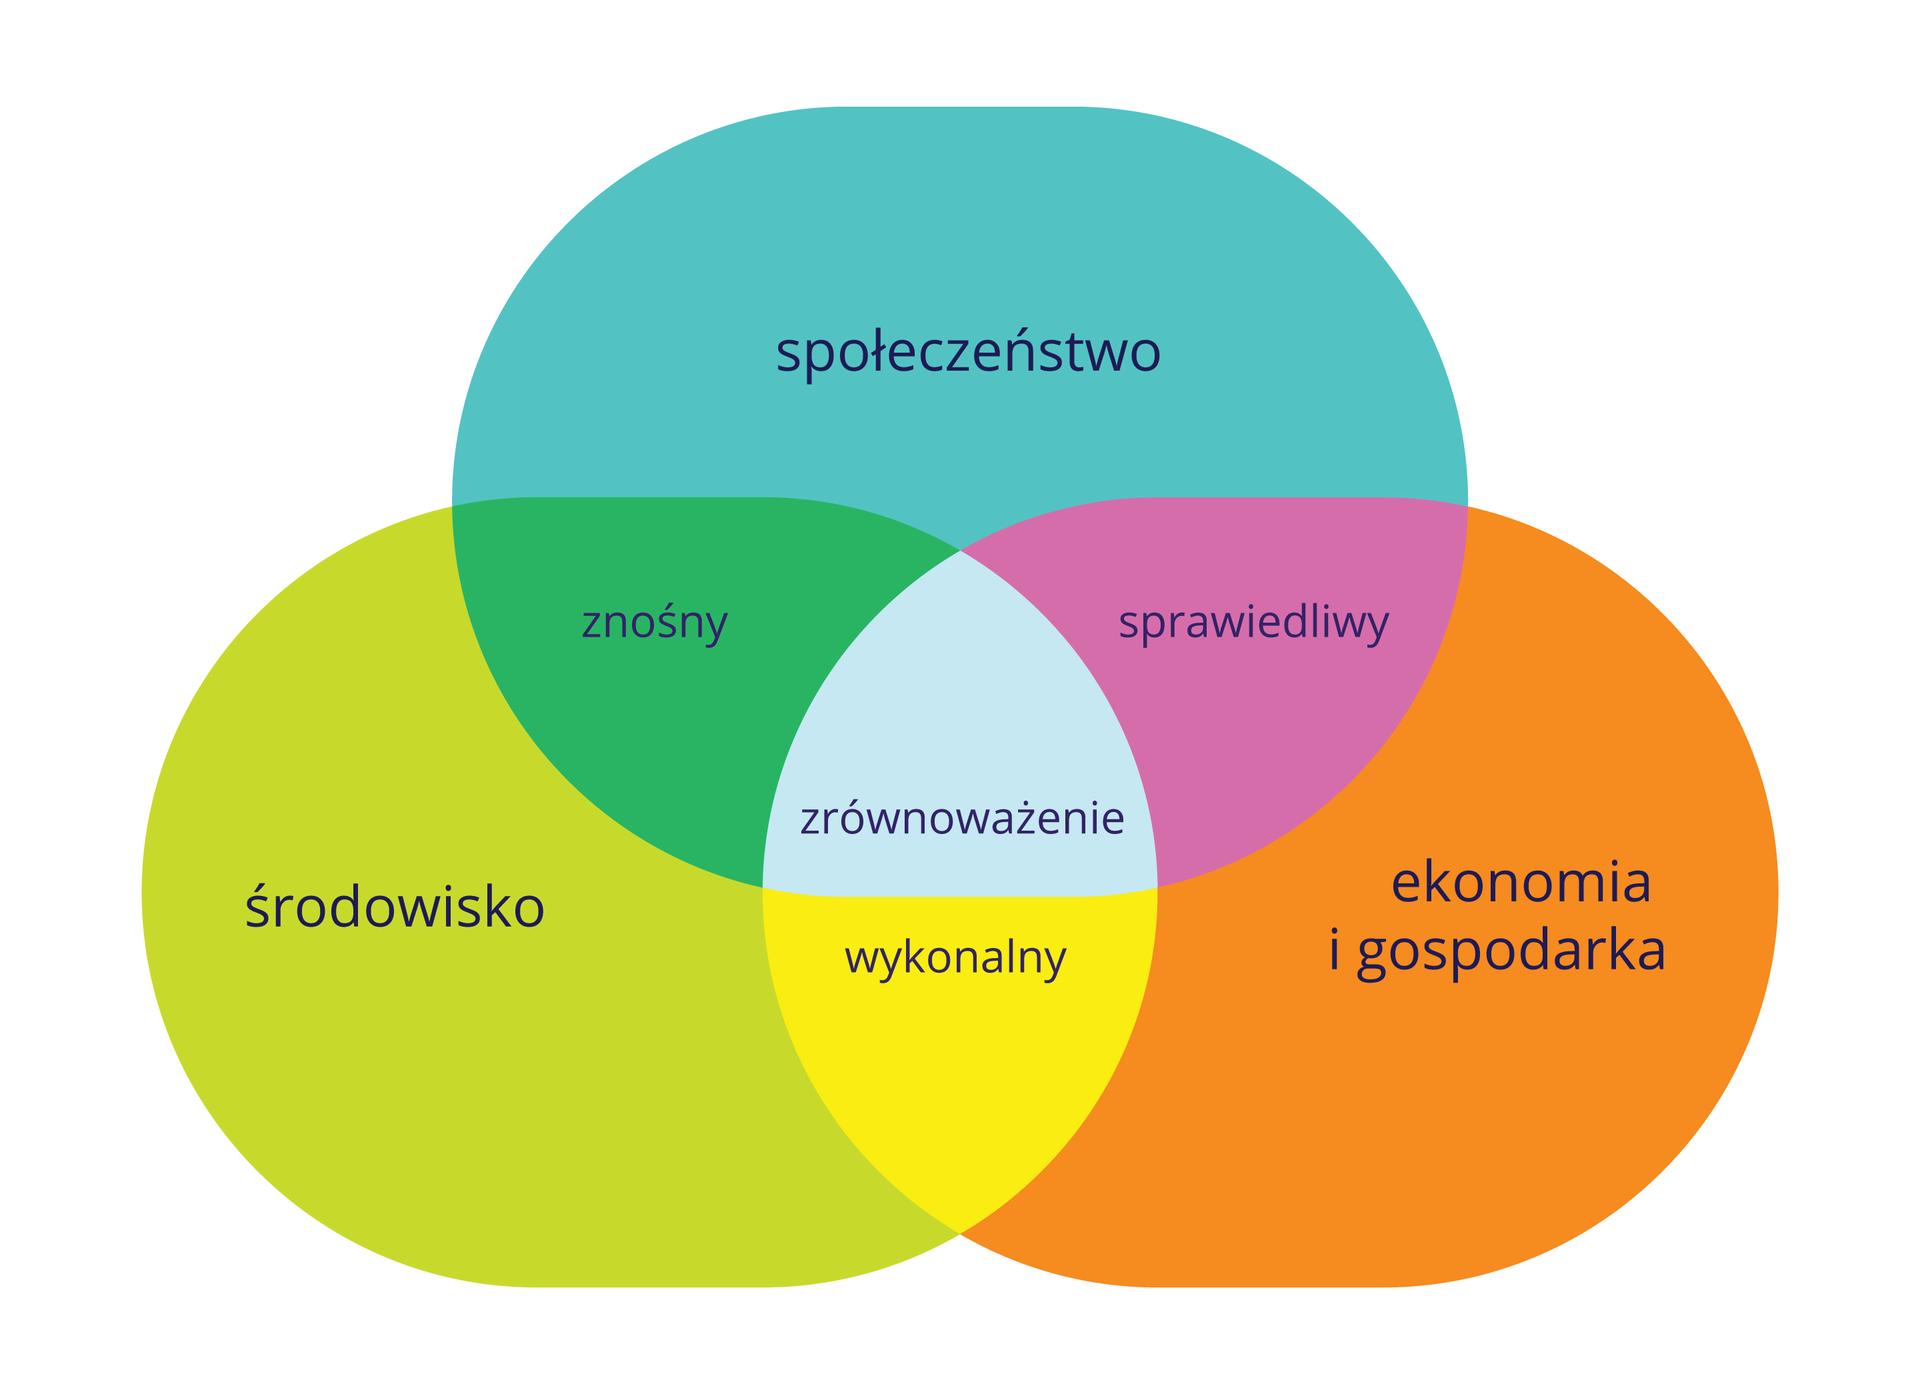 Ilustracja przedstawia model planowania irealizacji zrównoważonego rozwoju wpostaci zbiorów. Trzy duże owalne zbiory są wkolorach: niebieskim, pomarańczowym ioliwkowym. Na każdym napis, czego dotyczy. Zbiory mają części wspólne wkolorach: różowym, żółtym izielonym. Wcentrum część wspólna wszystkich zbiorów wkolorze szarym.